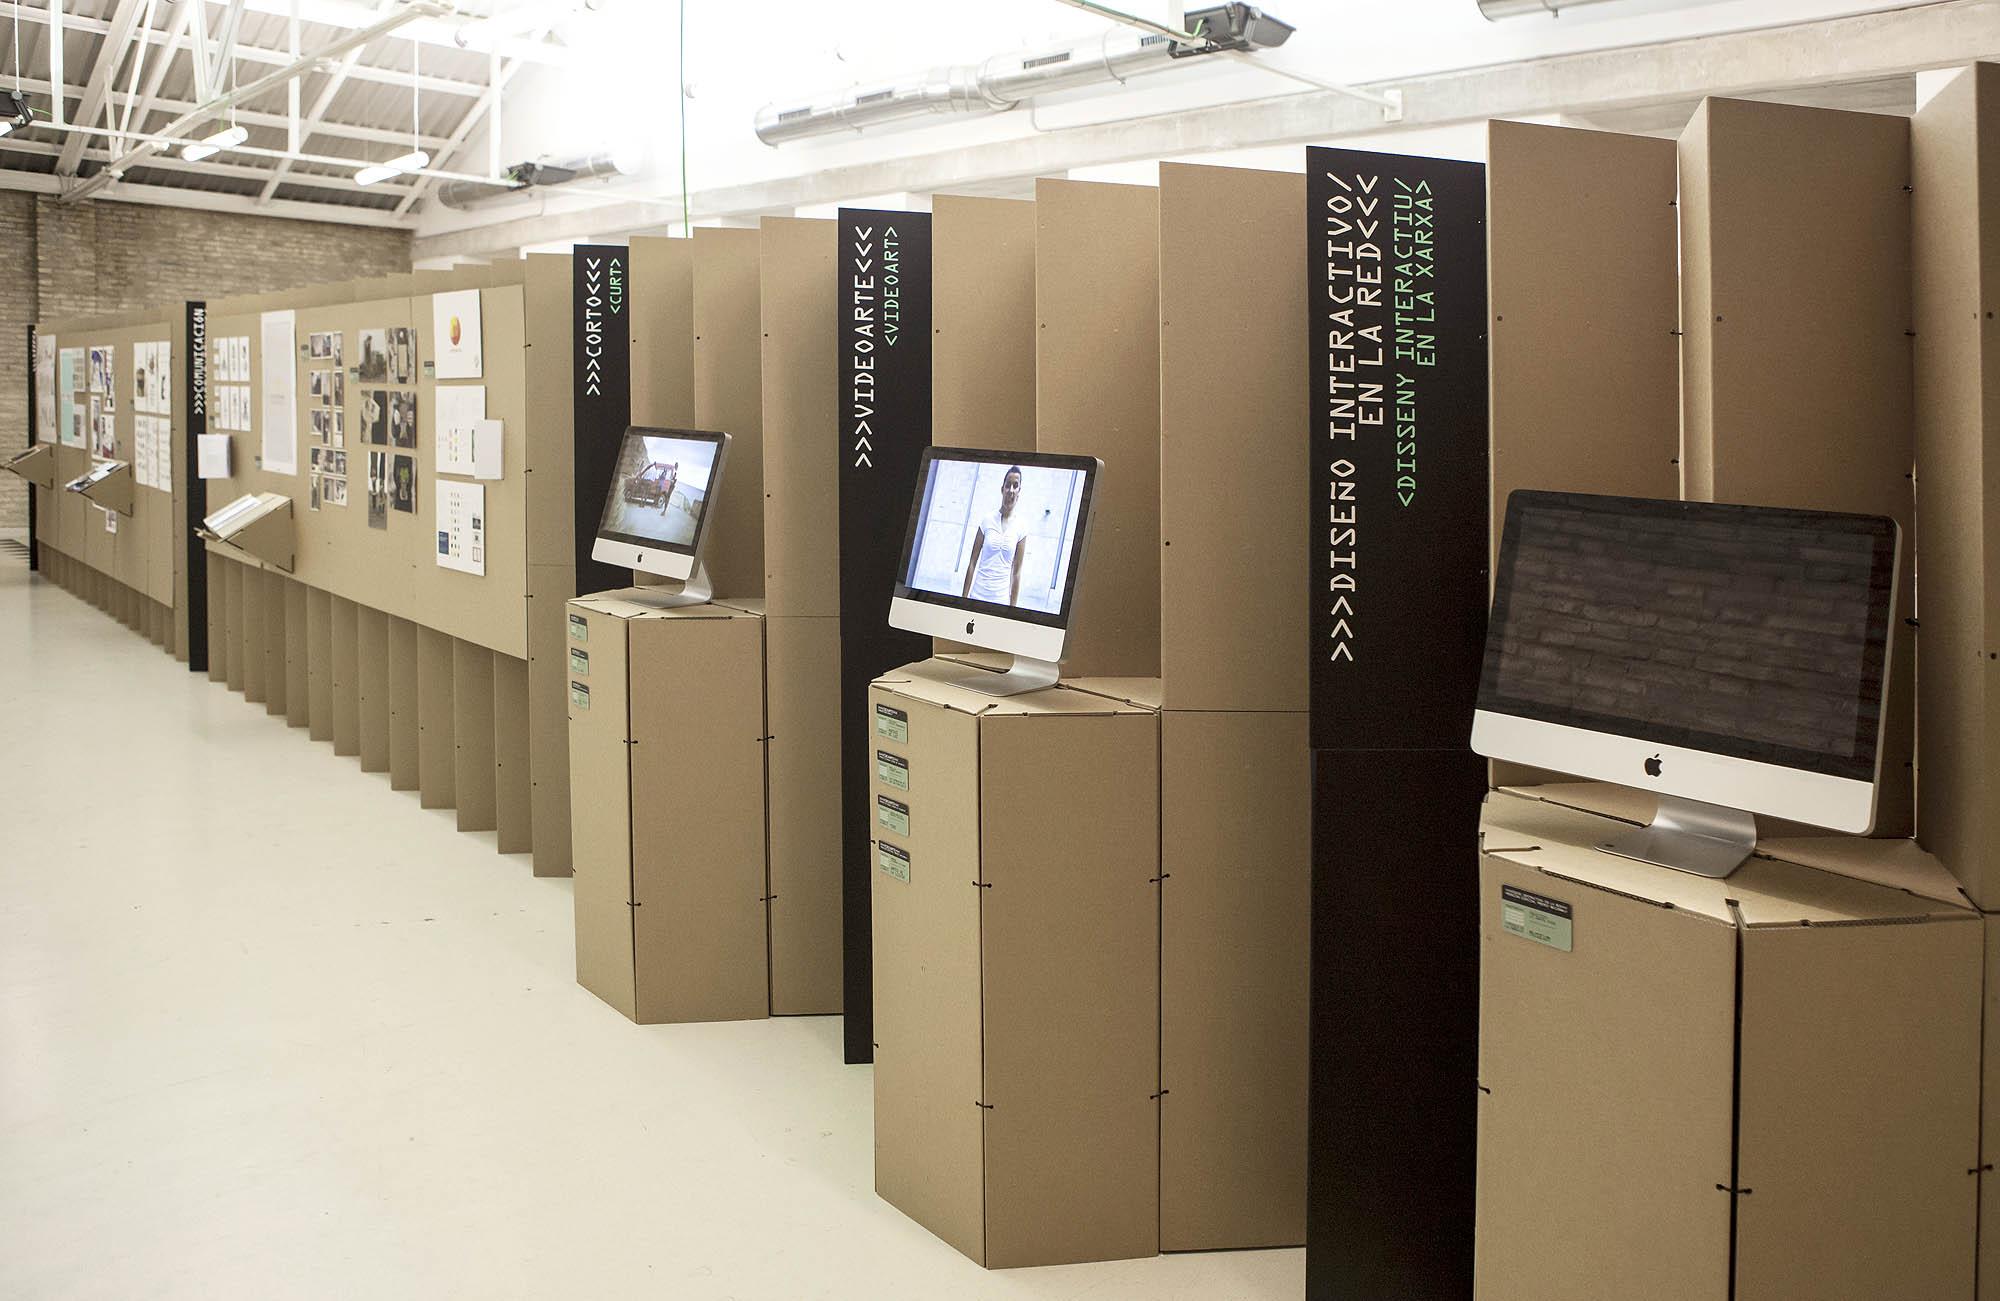 Expo proyectos de diseño premiados Certamen Valencia Crea 2012